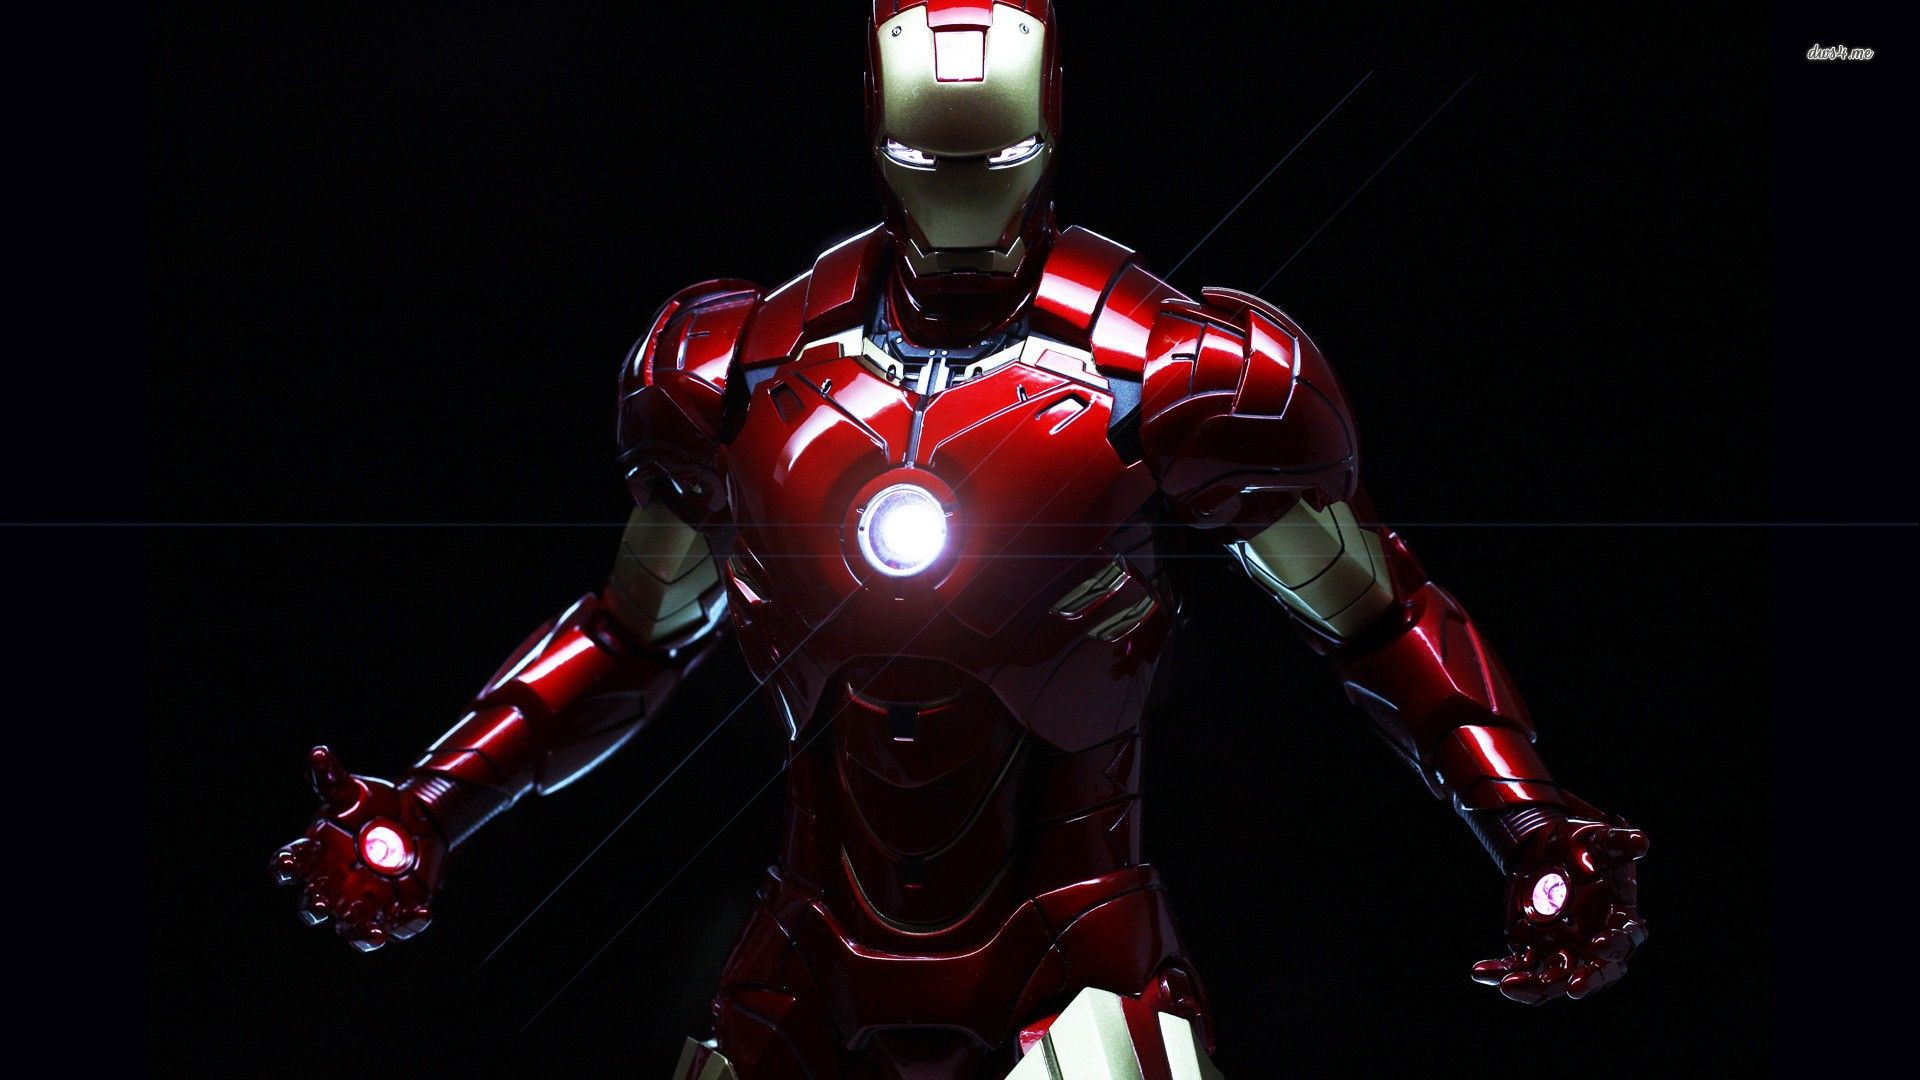 Must see Wallpaper High Resolution Iron Man - fc3fdffdac86d641f706b60d16e8f73a  Pic_856193.jpg